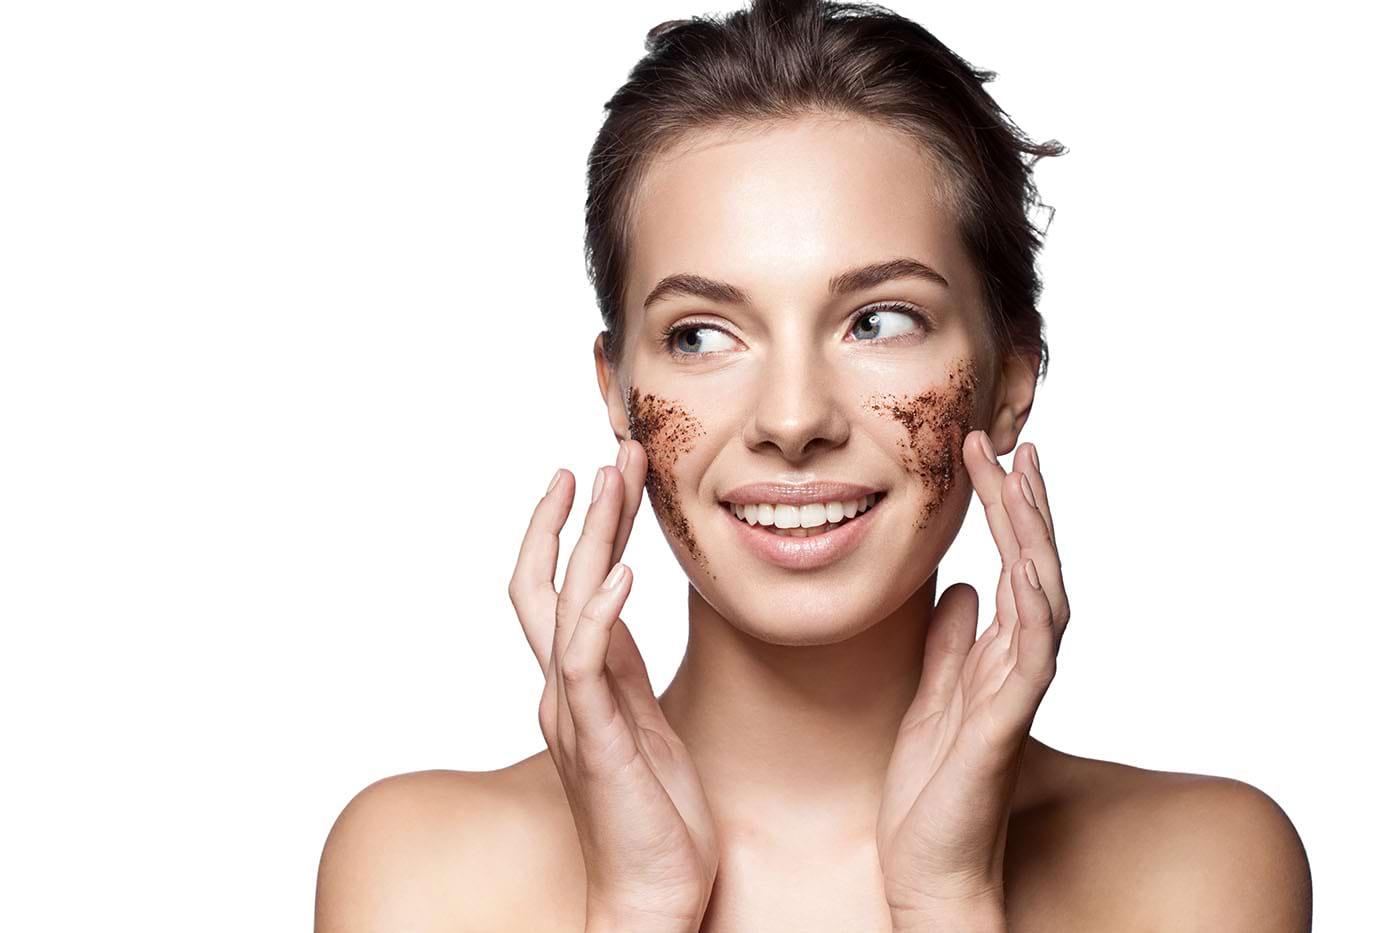 Pudrele de curățare organo-cosmetice: ce ingrediente au efect purificator